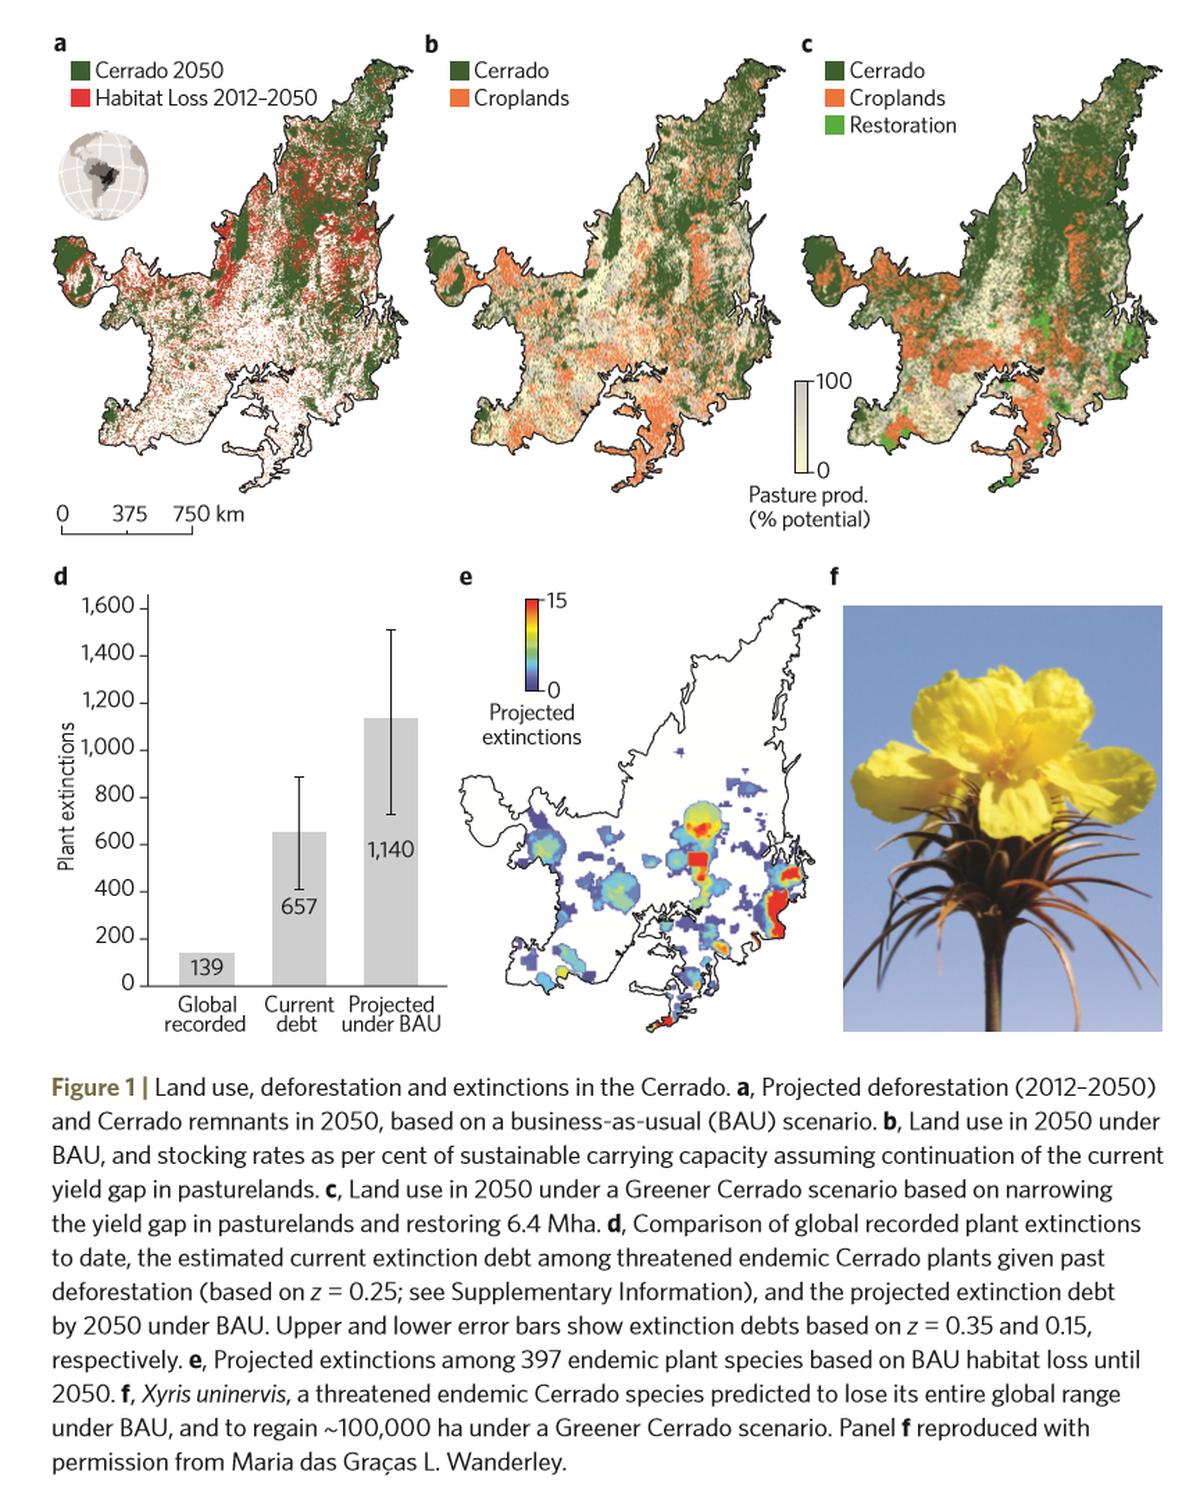 Em 30 anos, cerrado brasileiro pode ter maior extinção de plantas da história, diz estudo